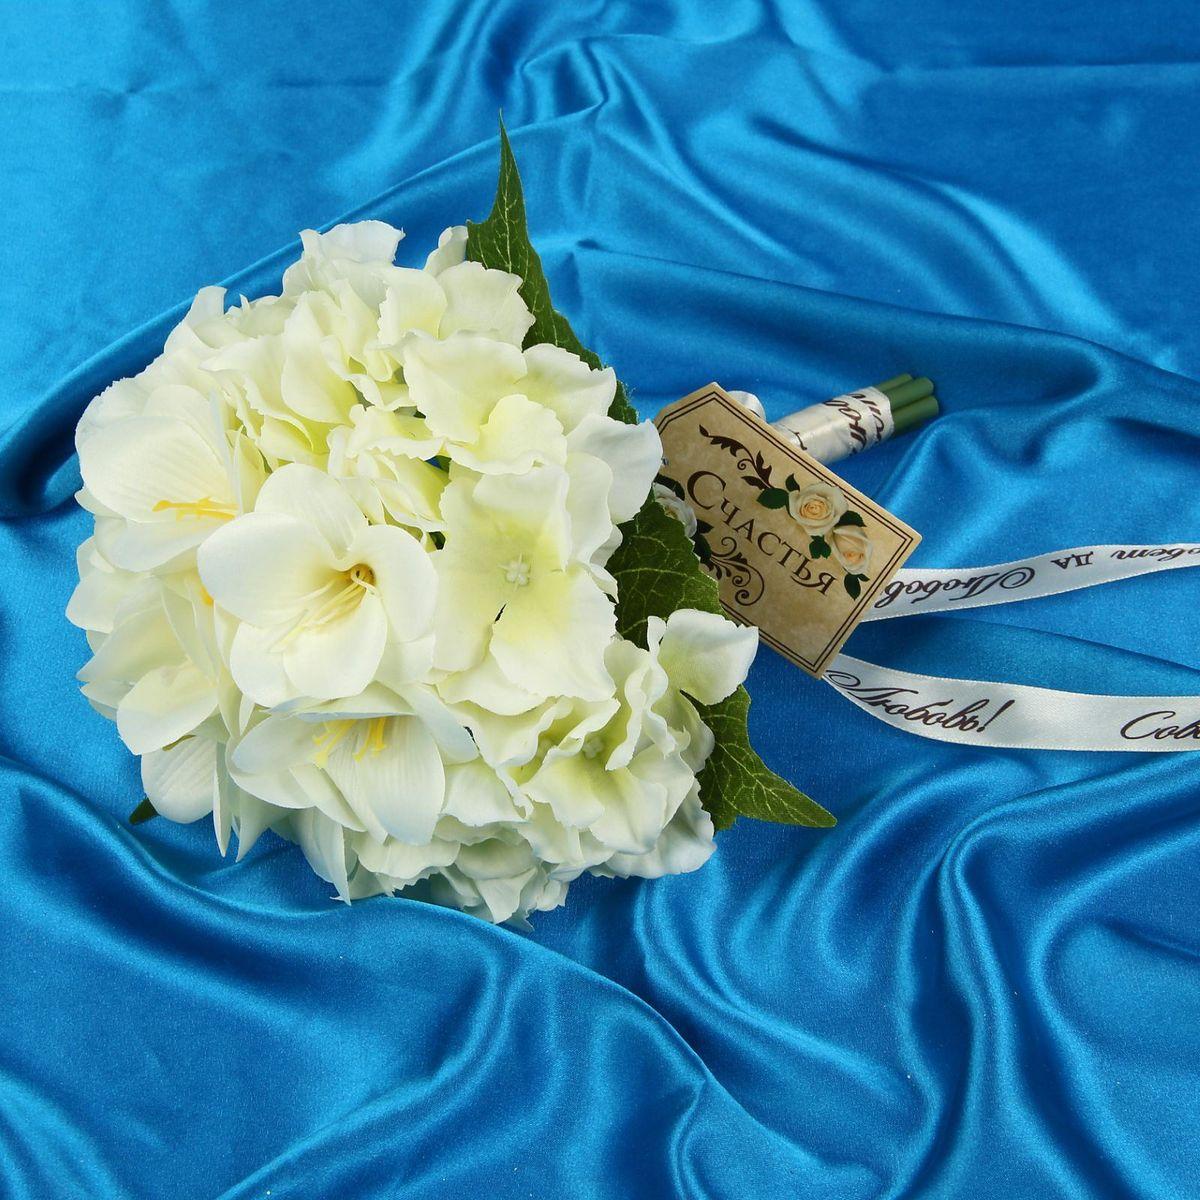 Букет-дублер Sima-land Вкус к жизни, цвет: белый1212632Свадьба - одно из главных событий в жизни человека. В такой день всё должно быть безупречно, особенно букет невесты. Но кидать, по старой традиции, цветочную композицию подругам не всегда удобно, и на помощь приходит букет-дублер Вкус к жизни лилии, гортензии - красивый и яркий аксессуар. Стебли оформлены лентой с надписью Совет да любовь. Букет дополнен шильдом с тёплым пожеланием. После торжества он украсит любой интерьер, ведь нежные цветы из текстиля не завянут и не помнутся.